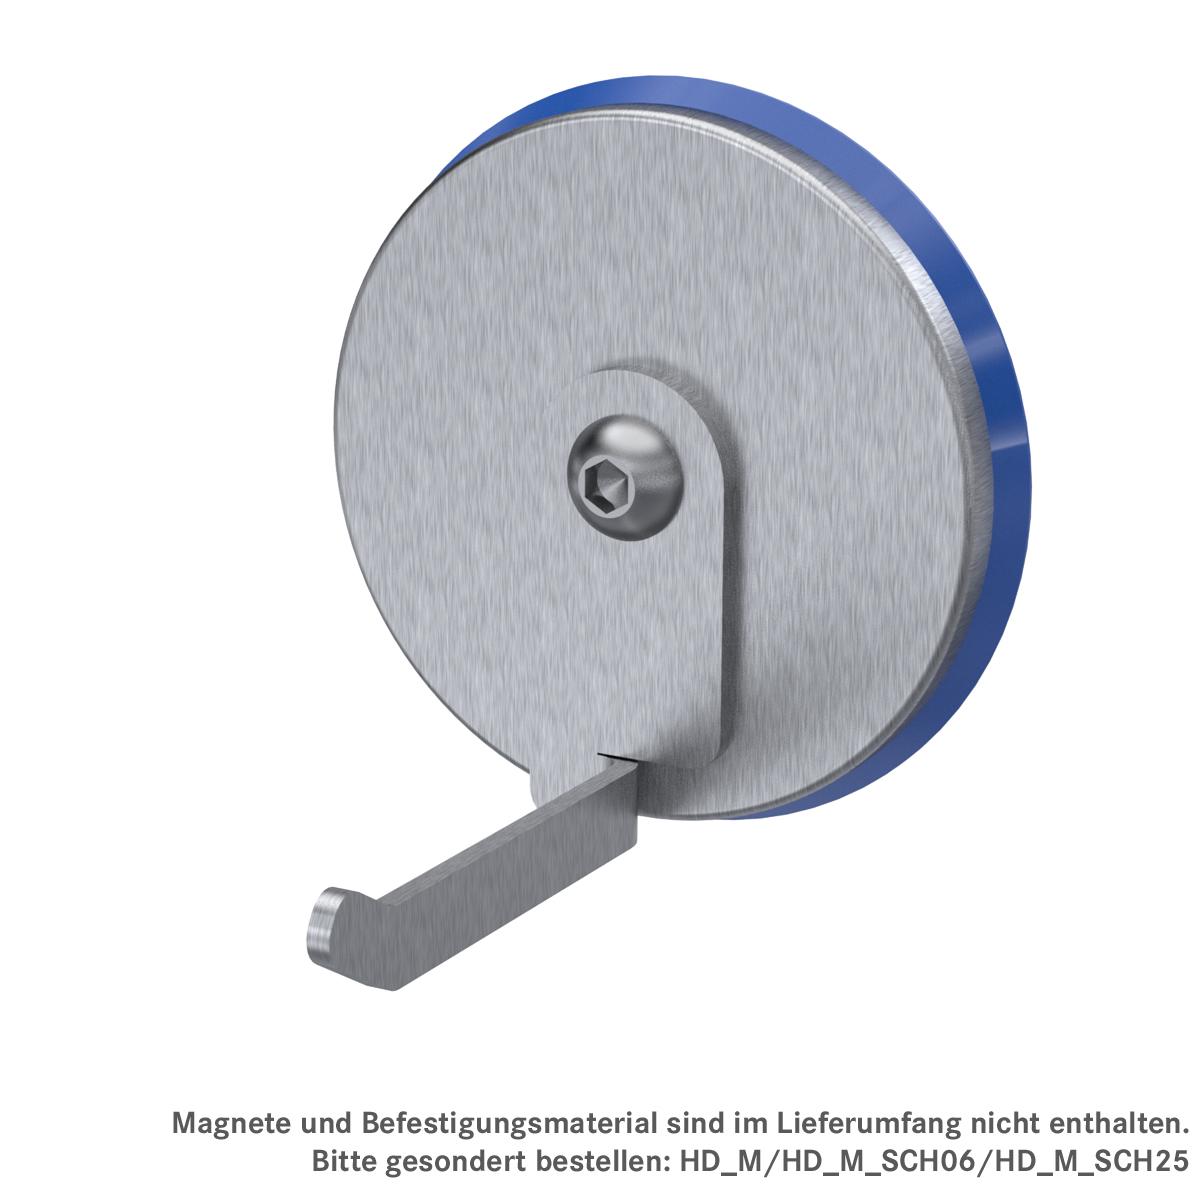 Schmaler Haken zur magnetischen Wandbefestigung, ArtNr.: HD_M_KH2